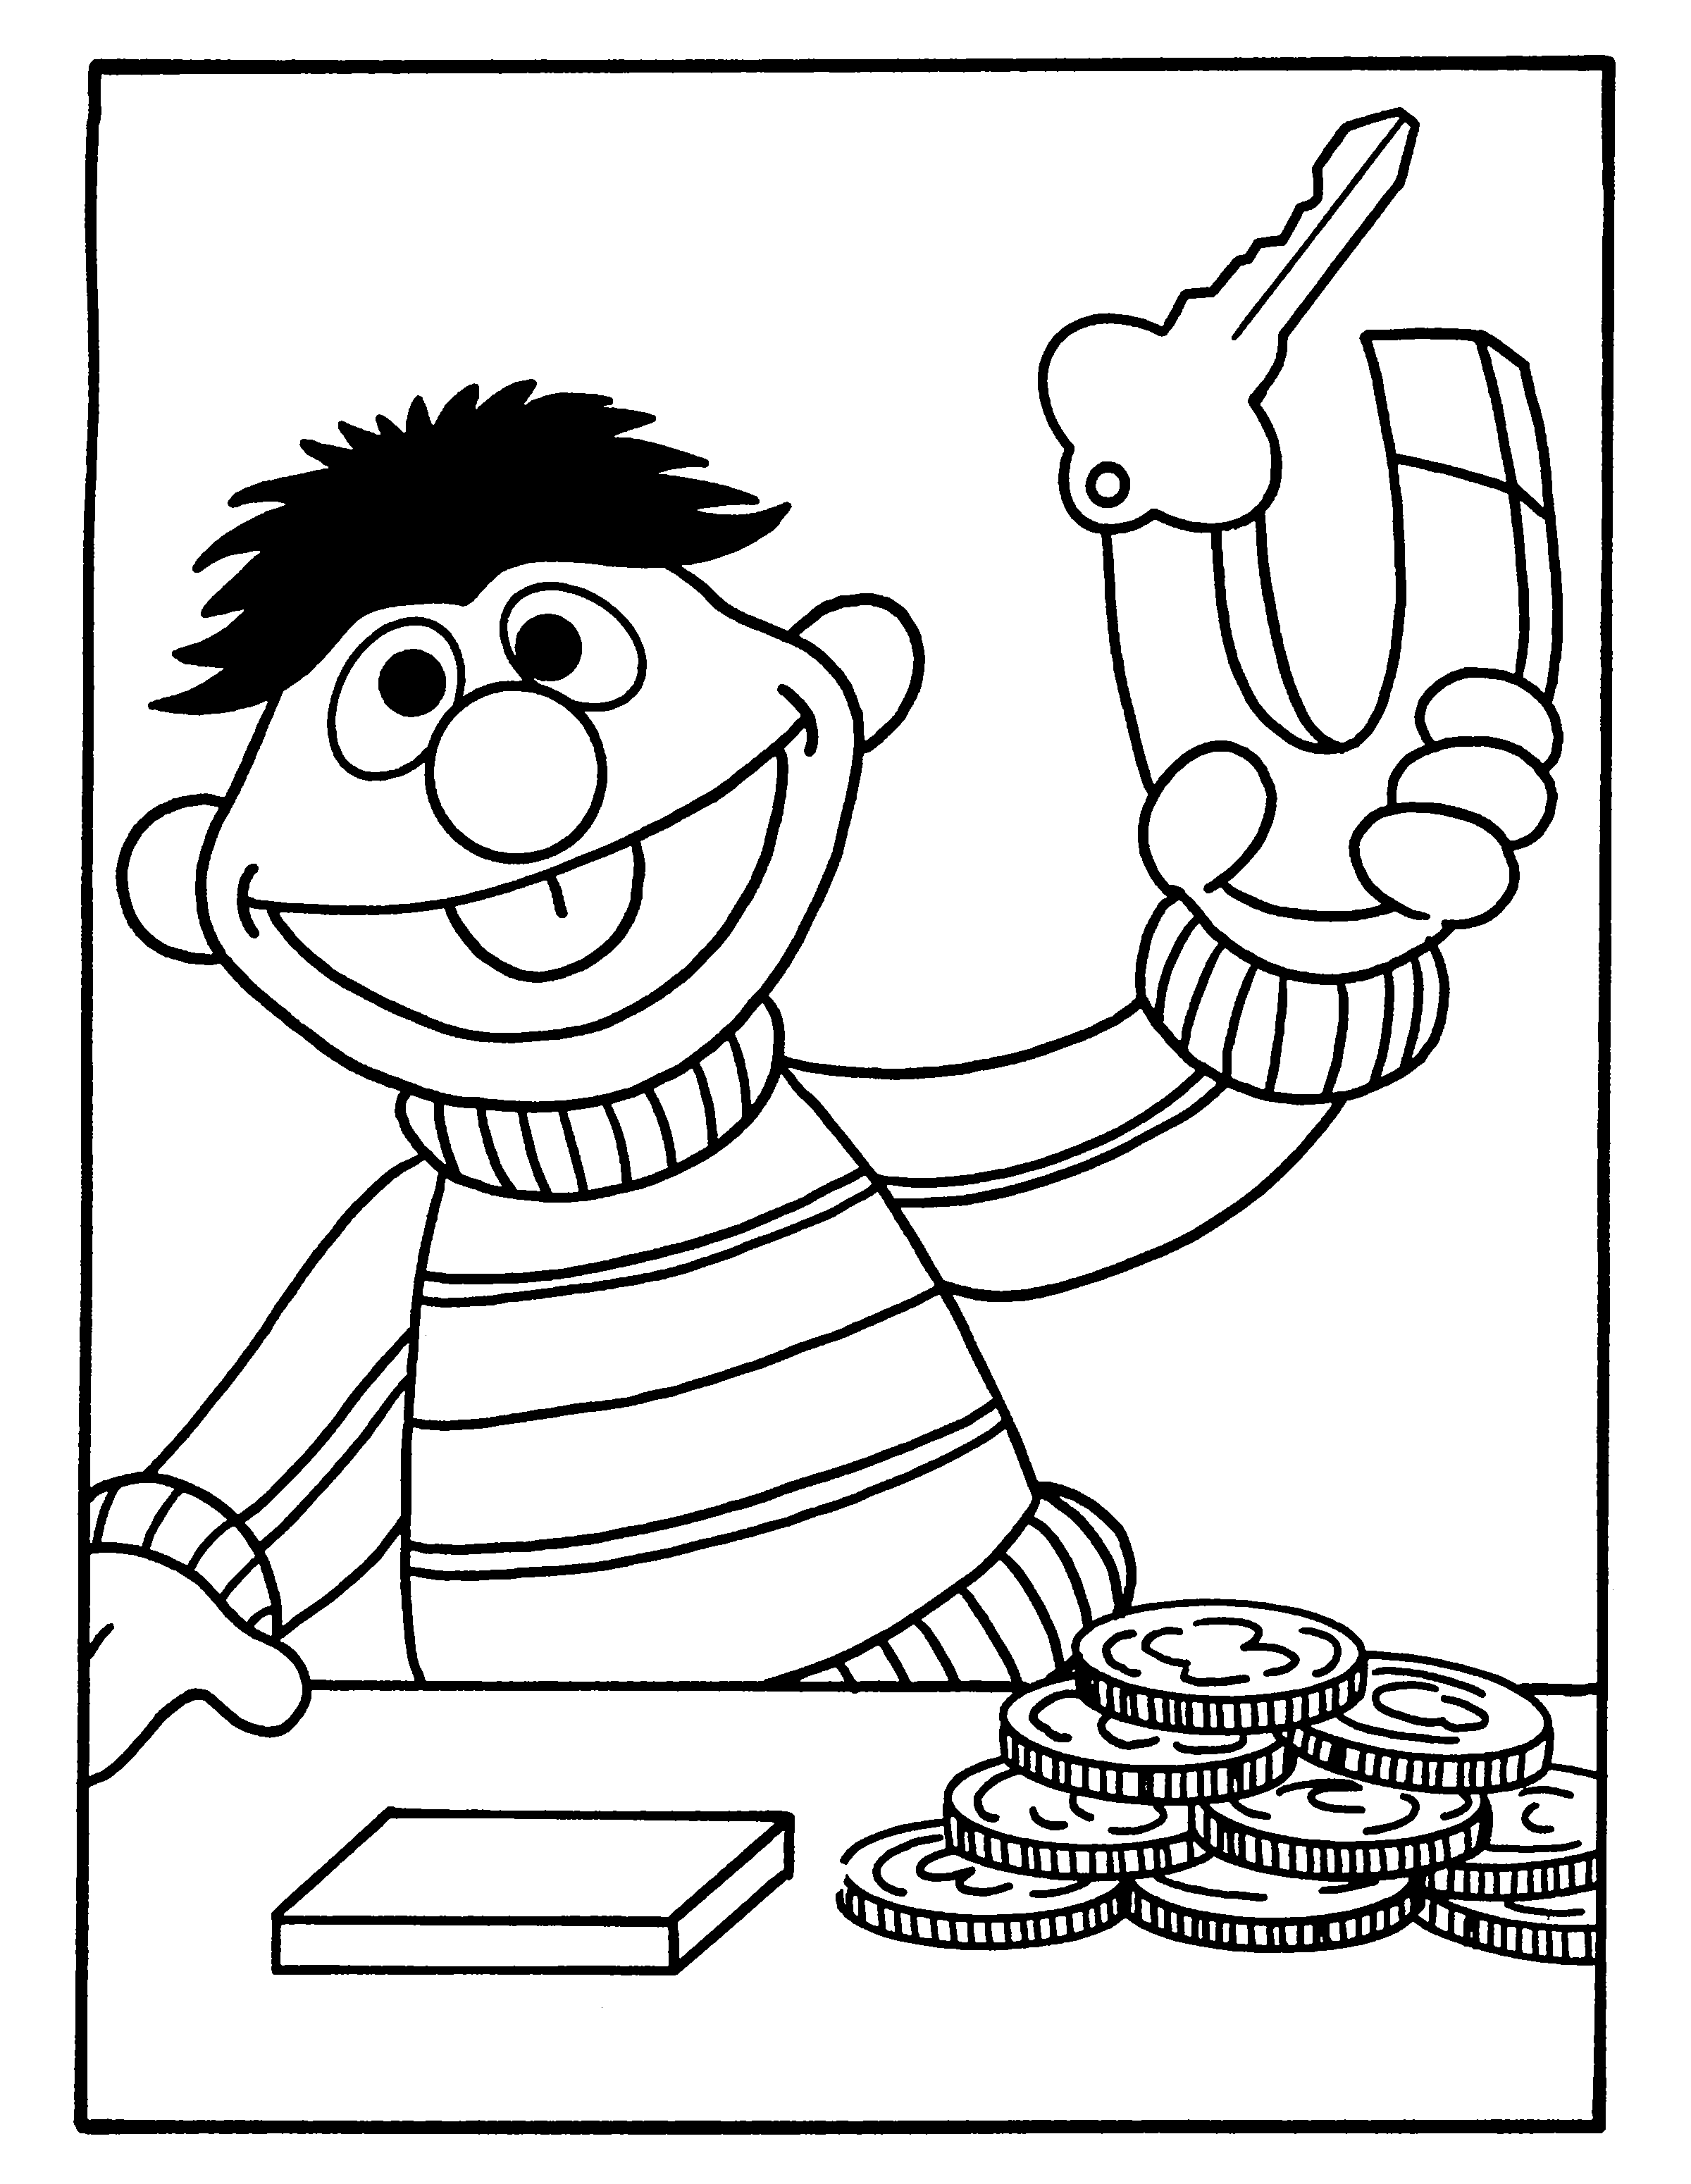 Kleurplaten Bert En Ernie Gratis Kleurplaten Van Bert En